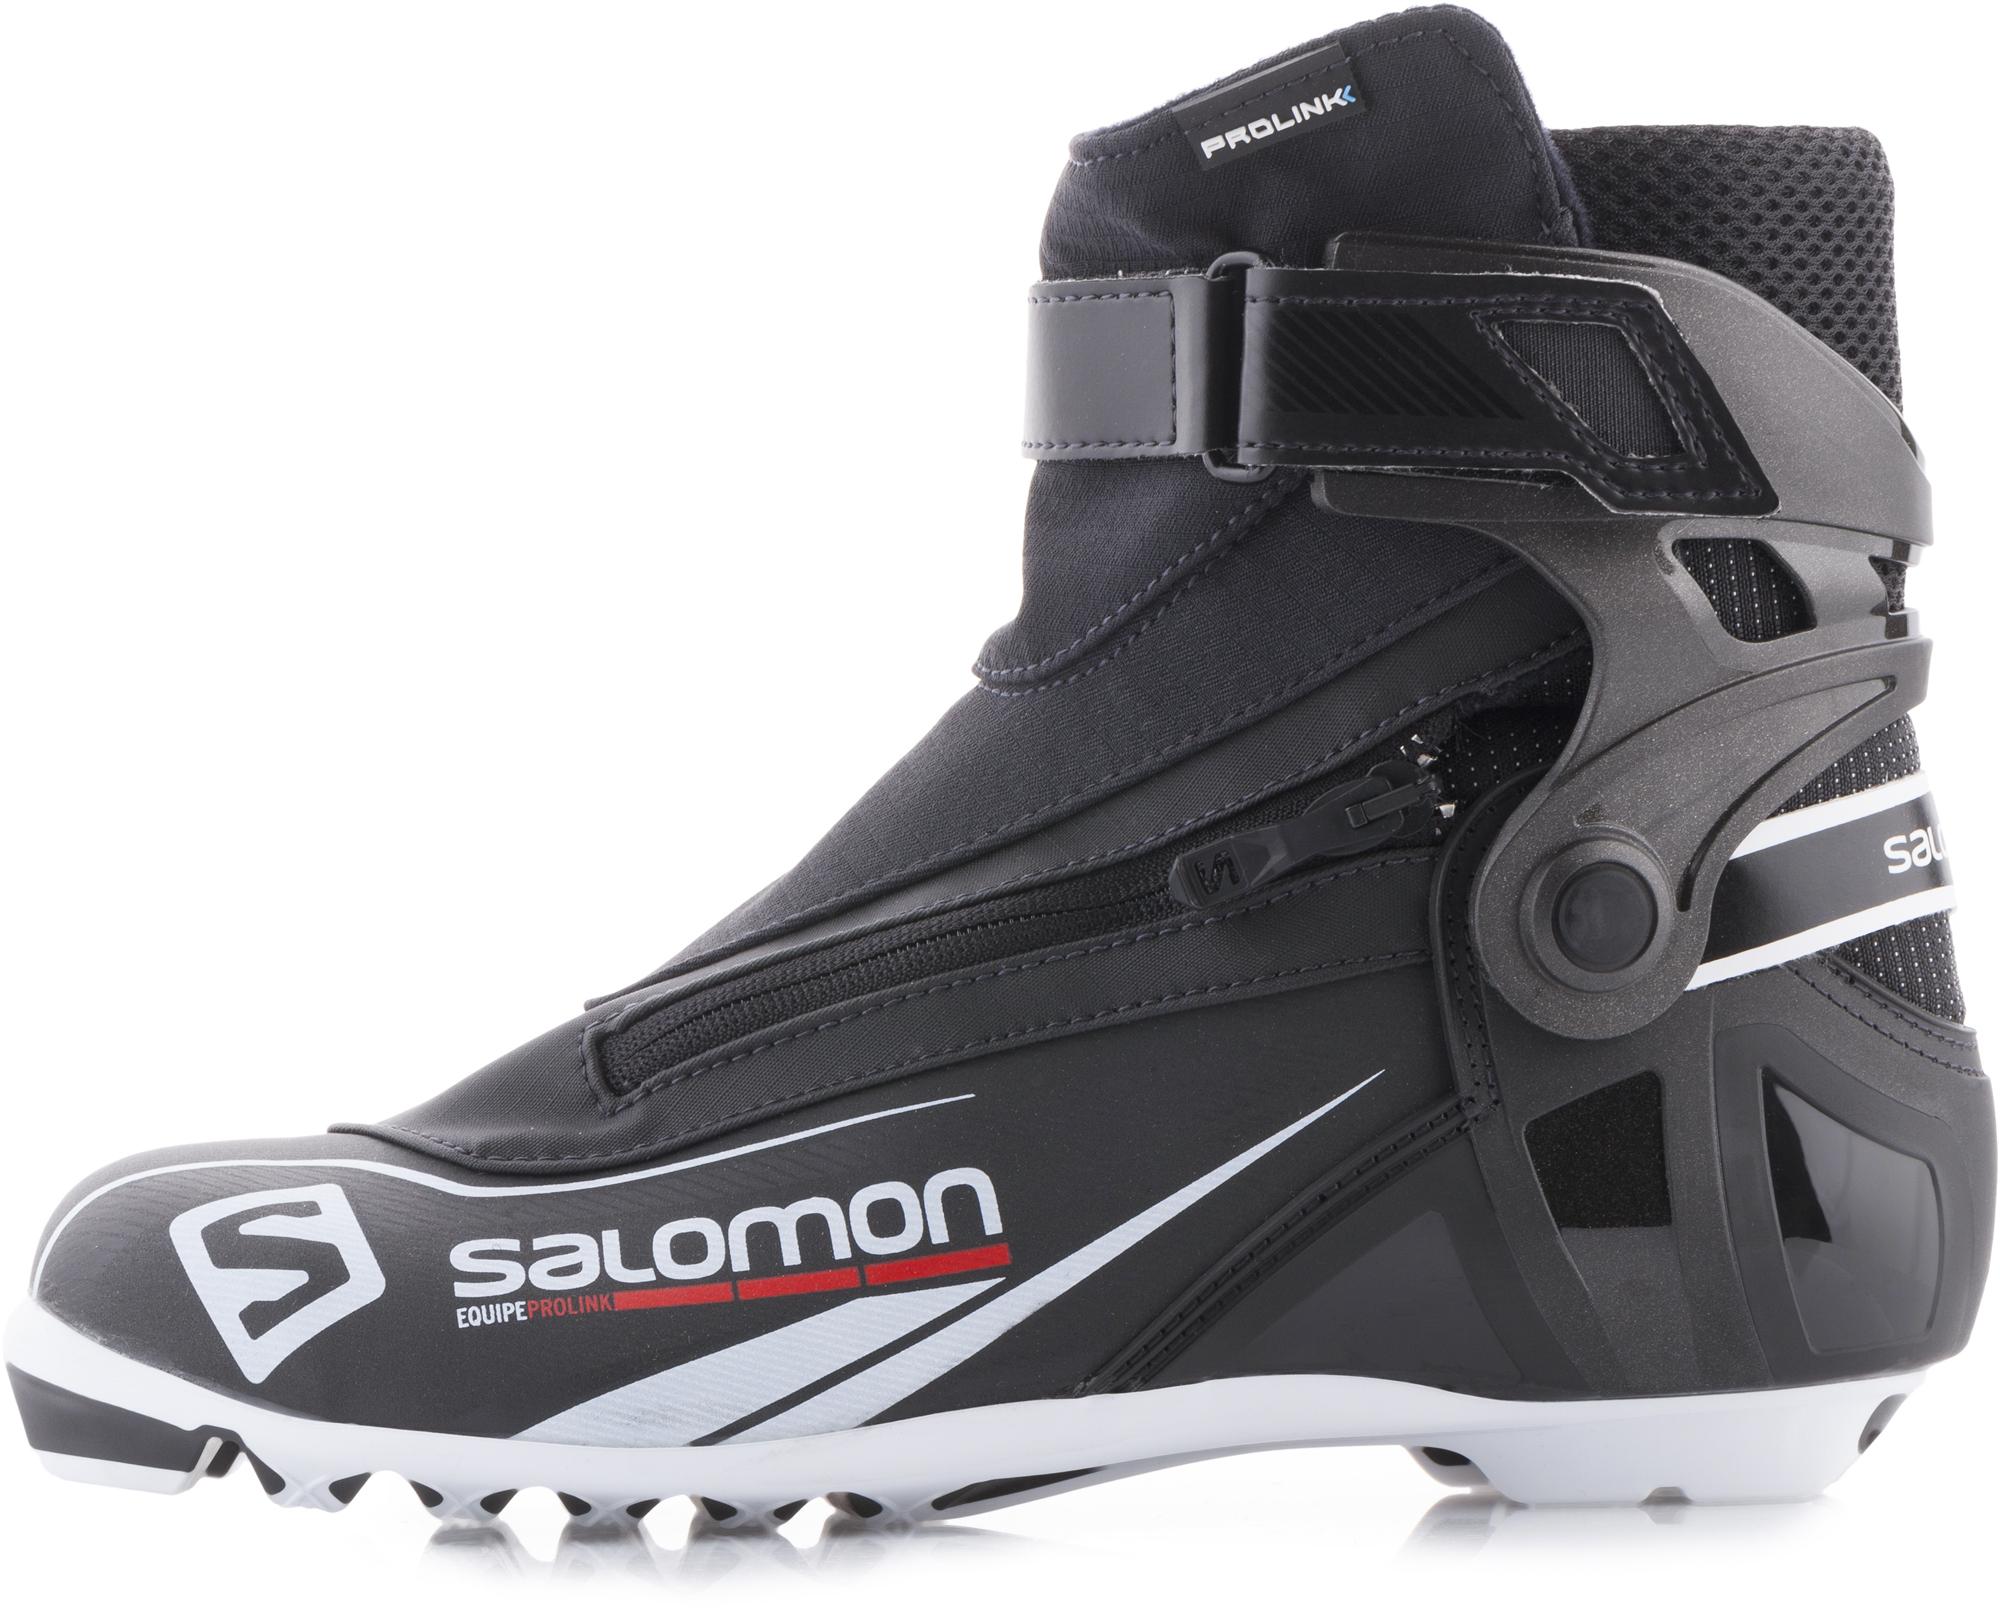 Salomon Ботинки для беговых лыж Salomon Equipe prolink, размер 42,5 salomon ботинки для беговых лыж женские salomon siam 7 prolink